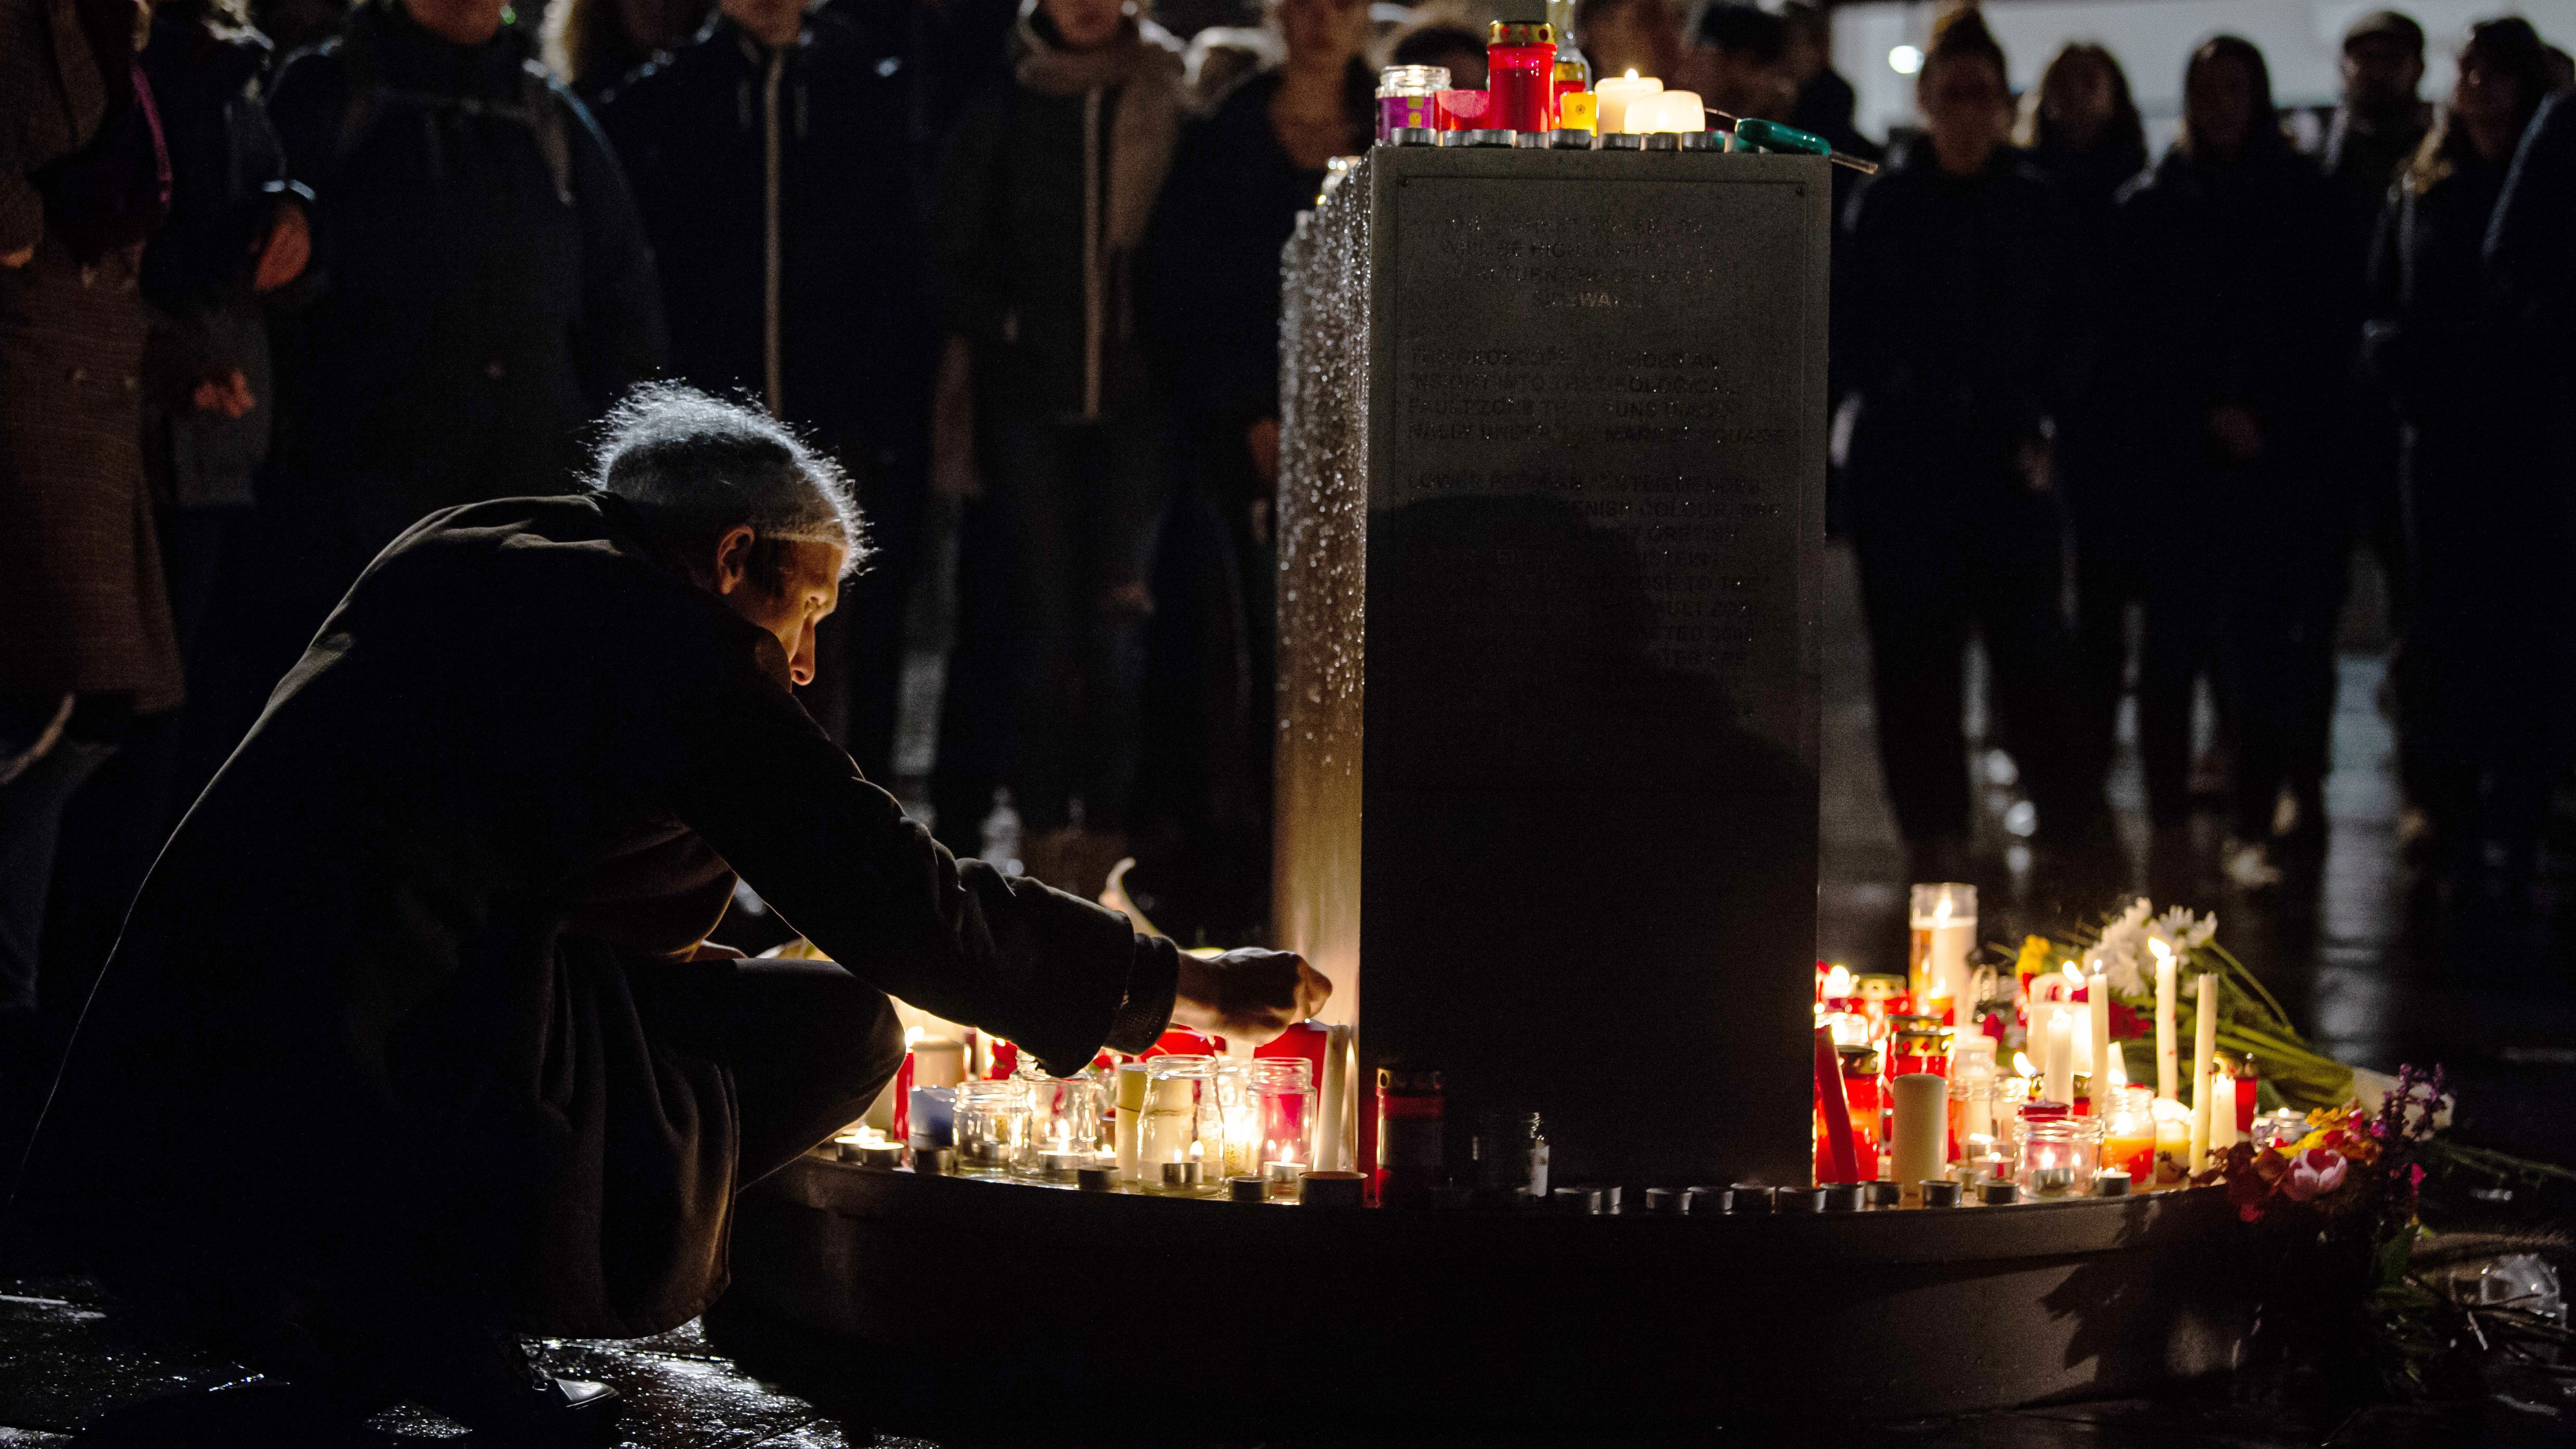 Marktplatz in Halle: Mann zündet eine Kerze an